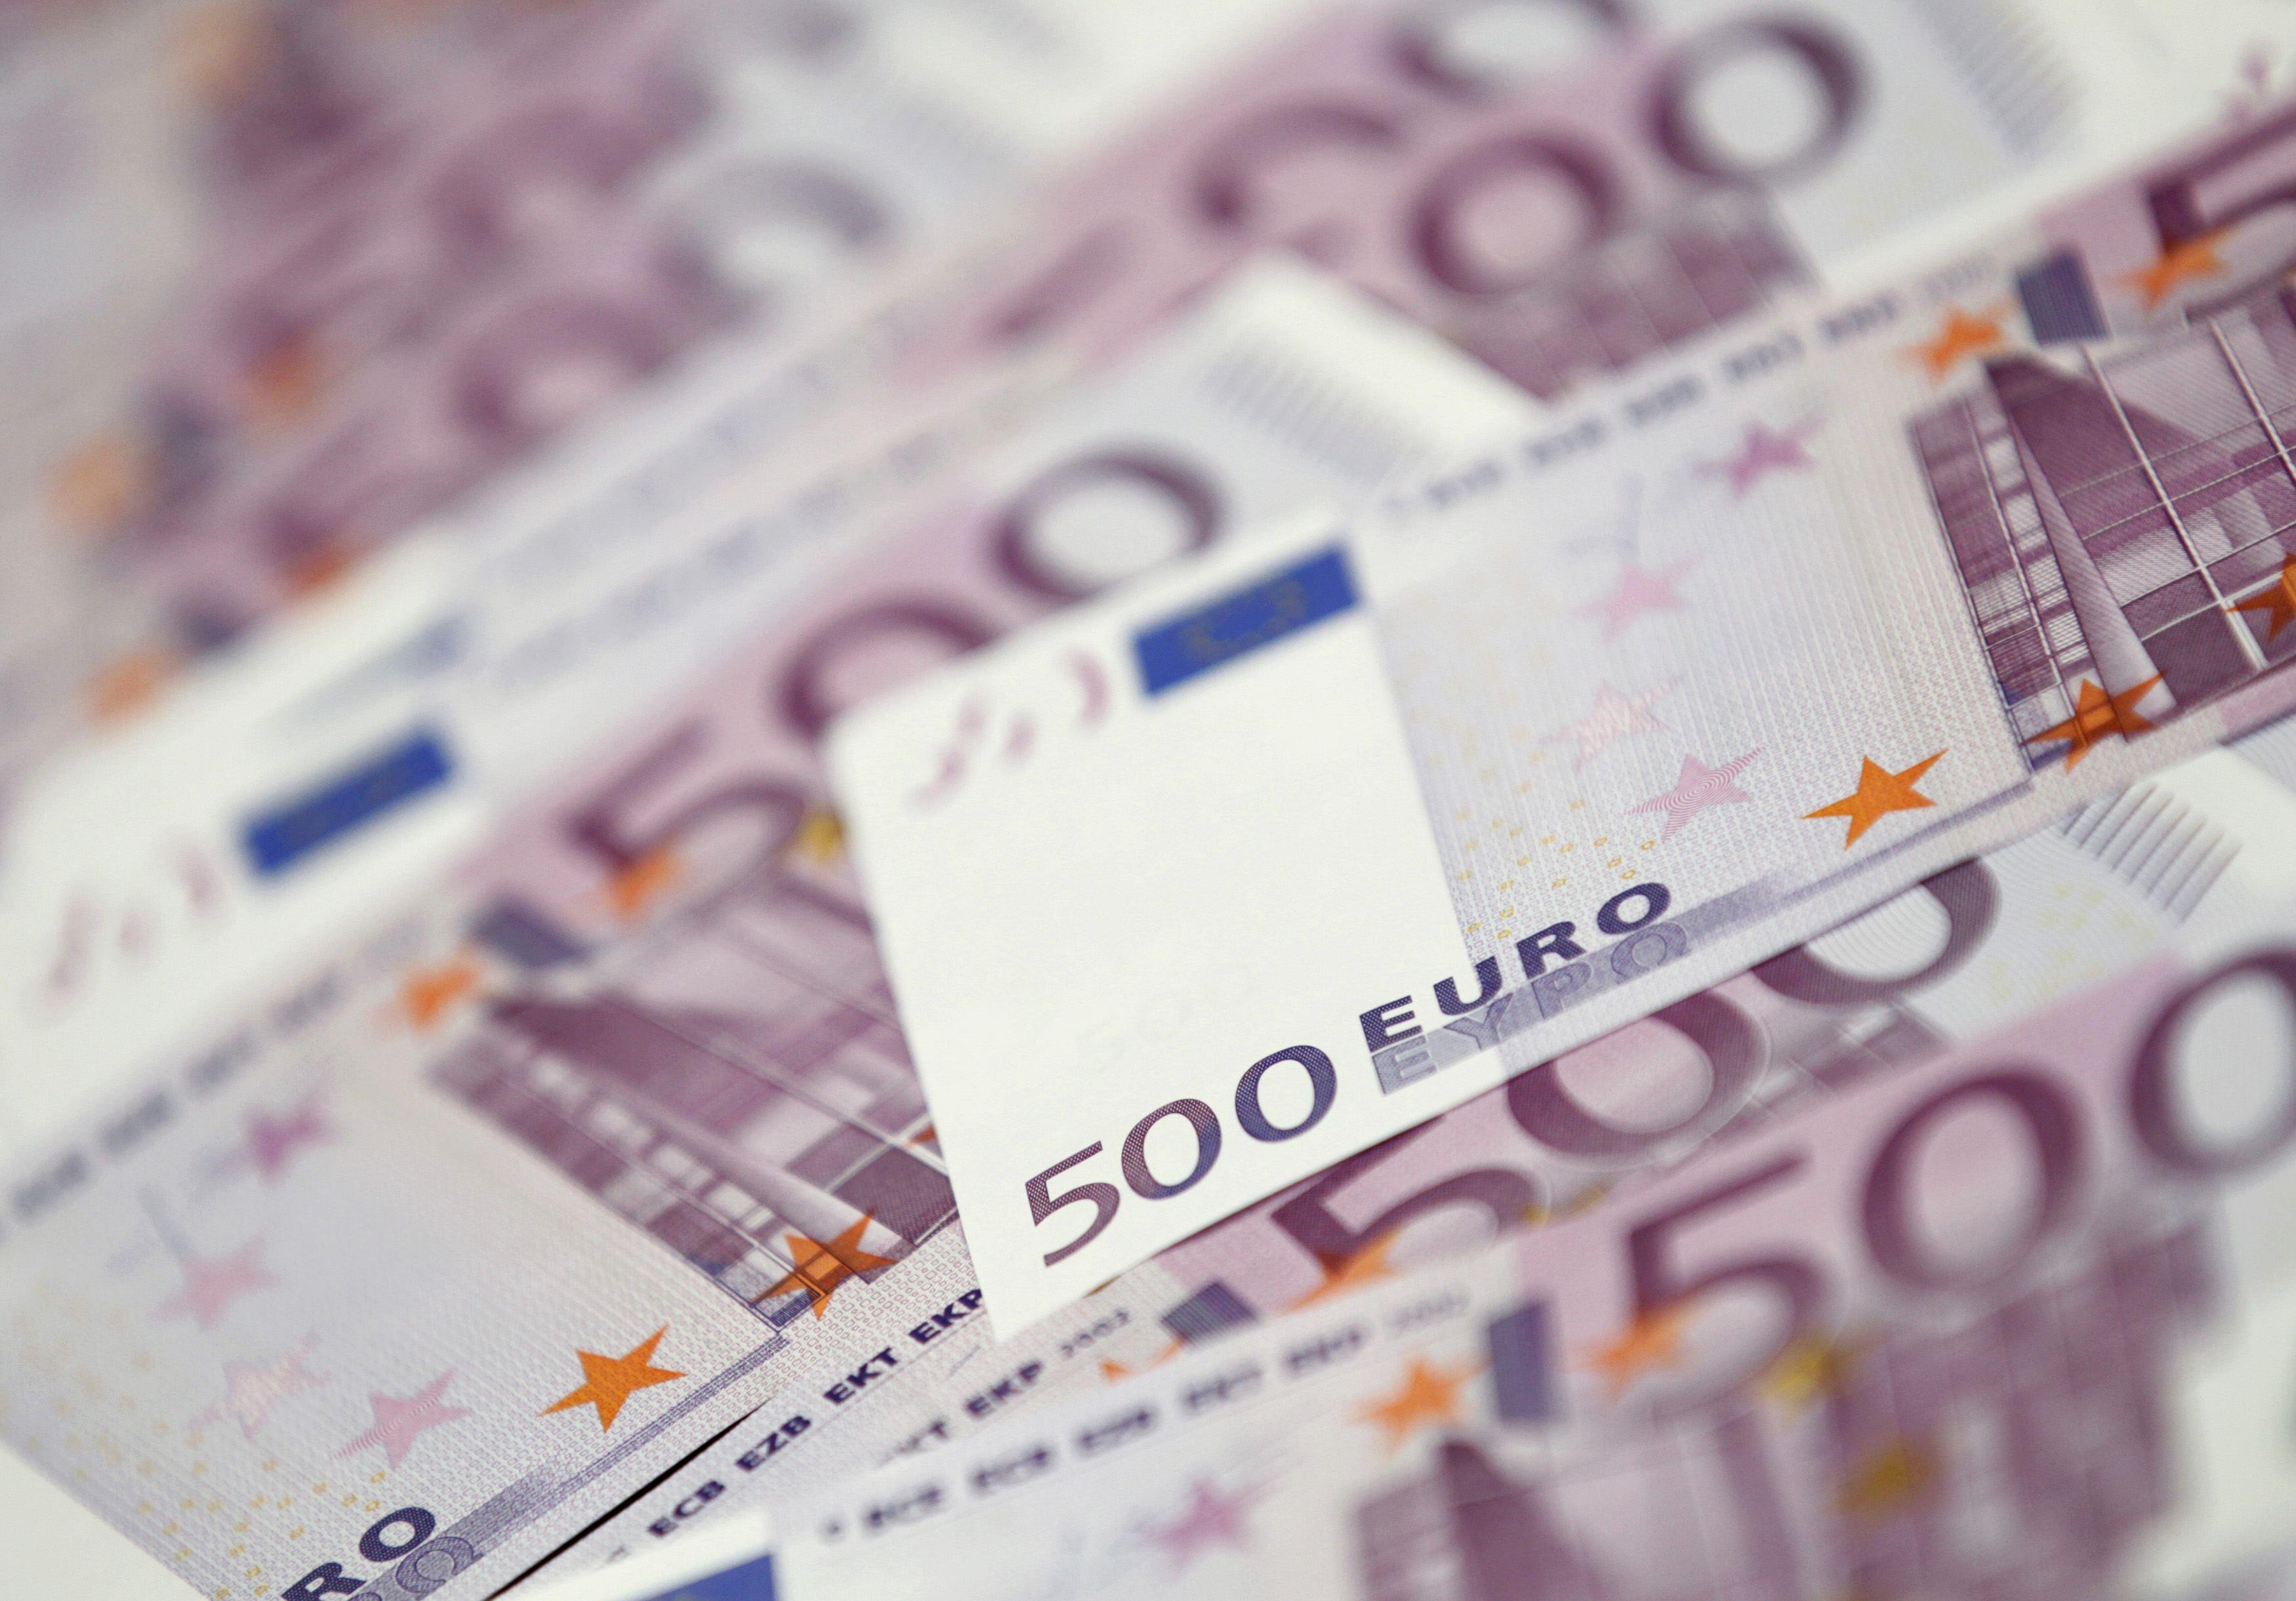 Τέλος εποχής για το χαρτονόμισμα των 500 ευρώ | tovima.gr